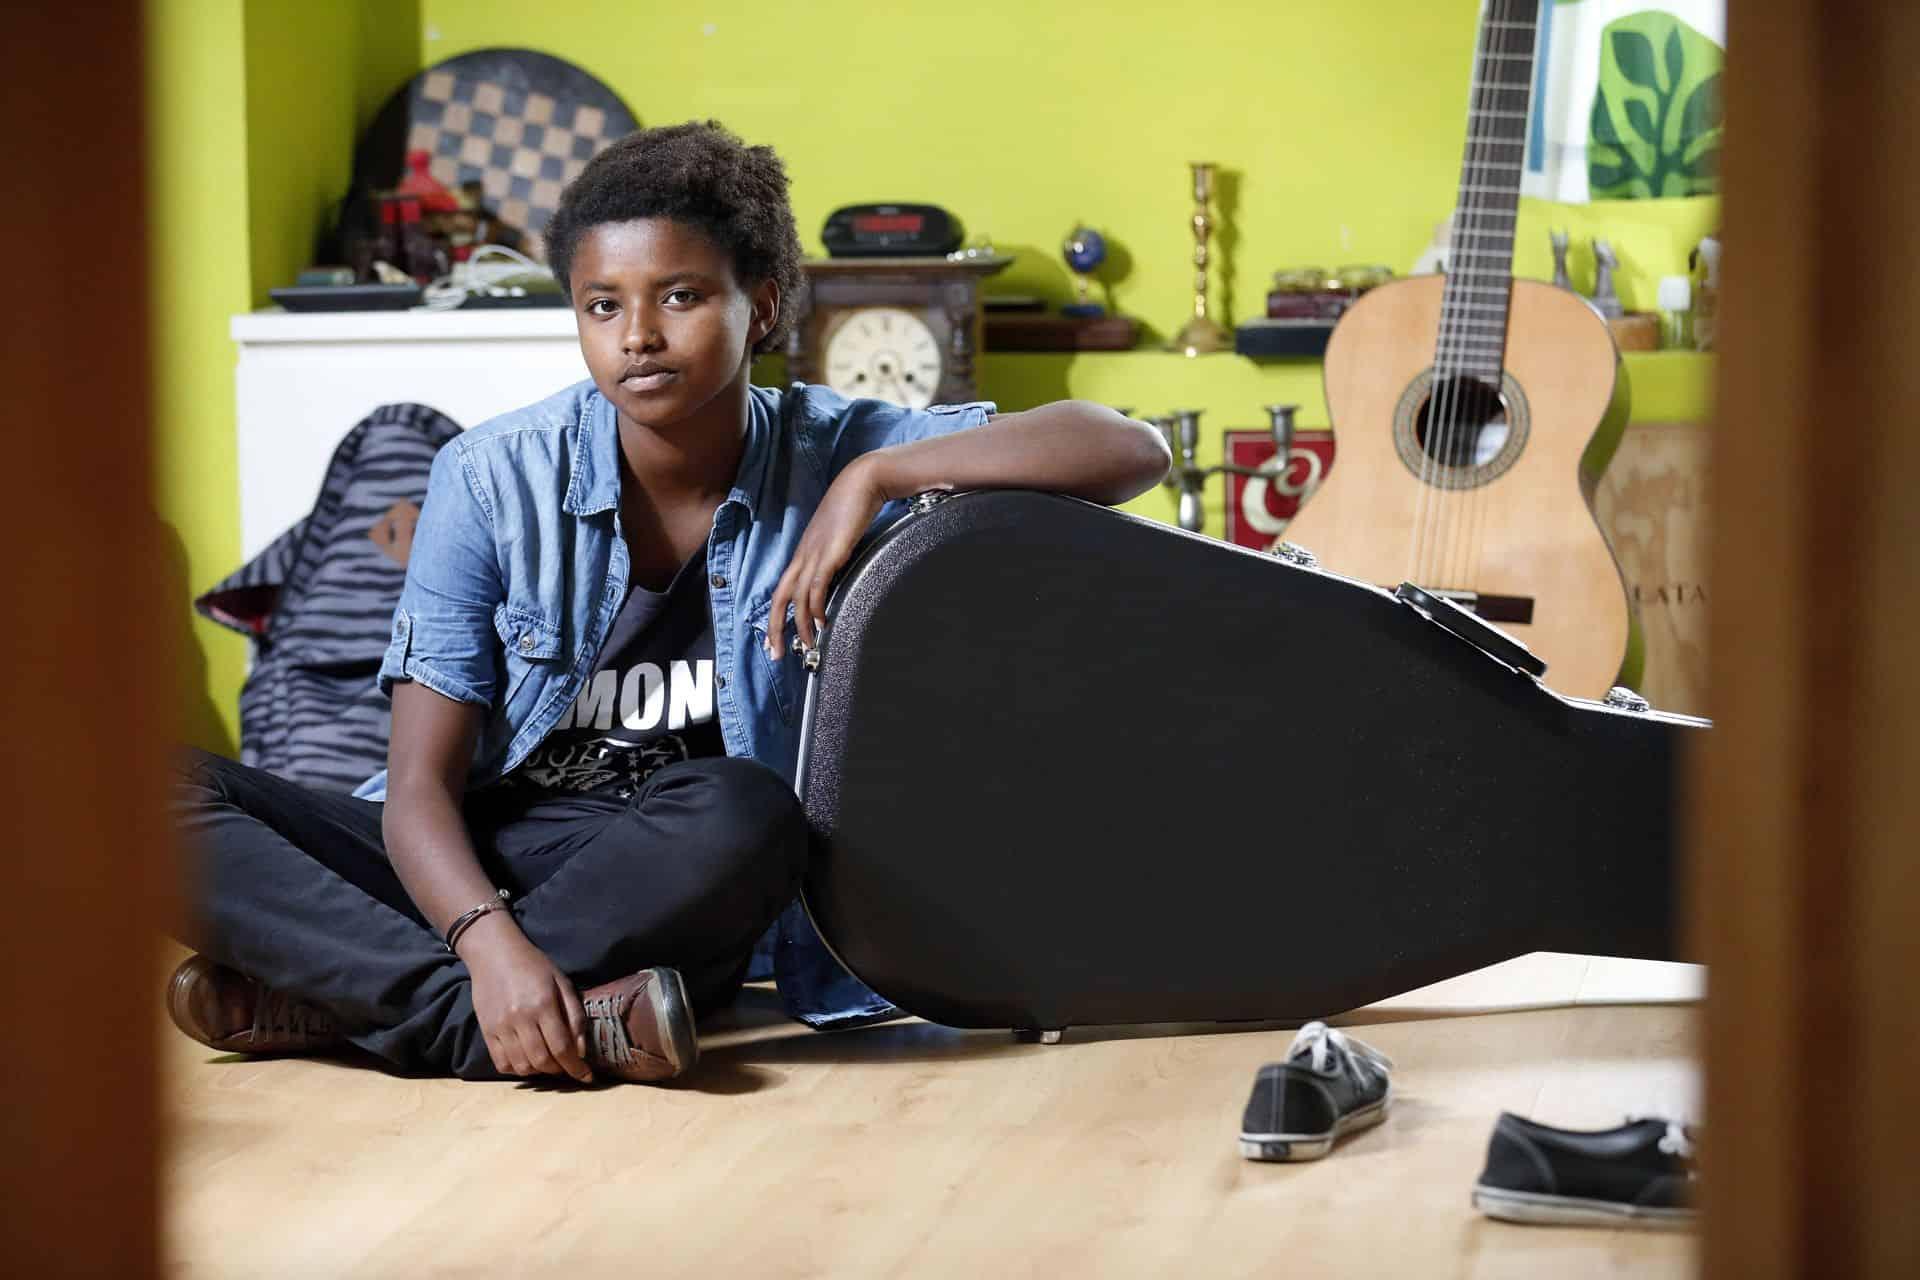 Meskerem Mees over haar grote passie muziek: 'Tijdens de lessen zit ik vaak plannen te maken om internationaal door te breken'